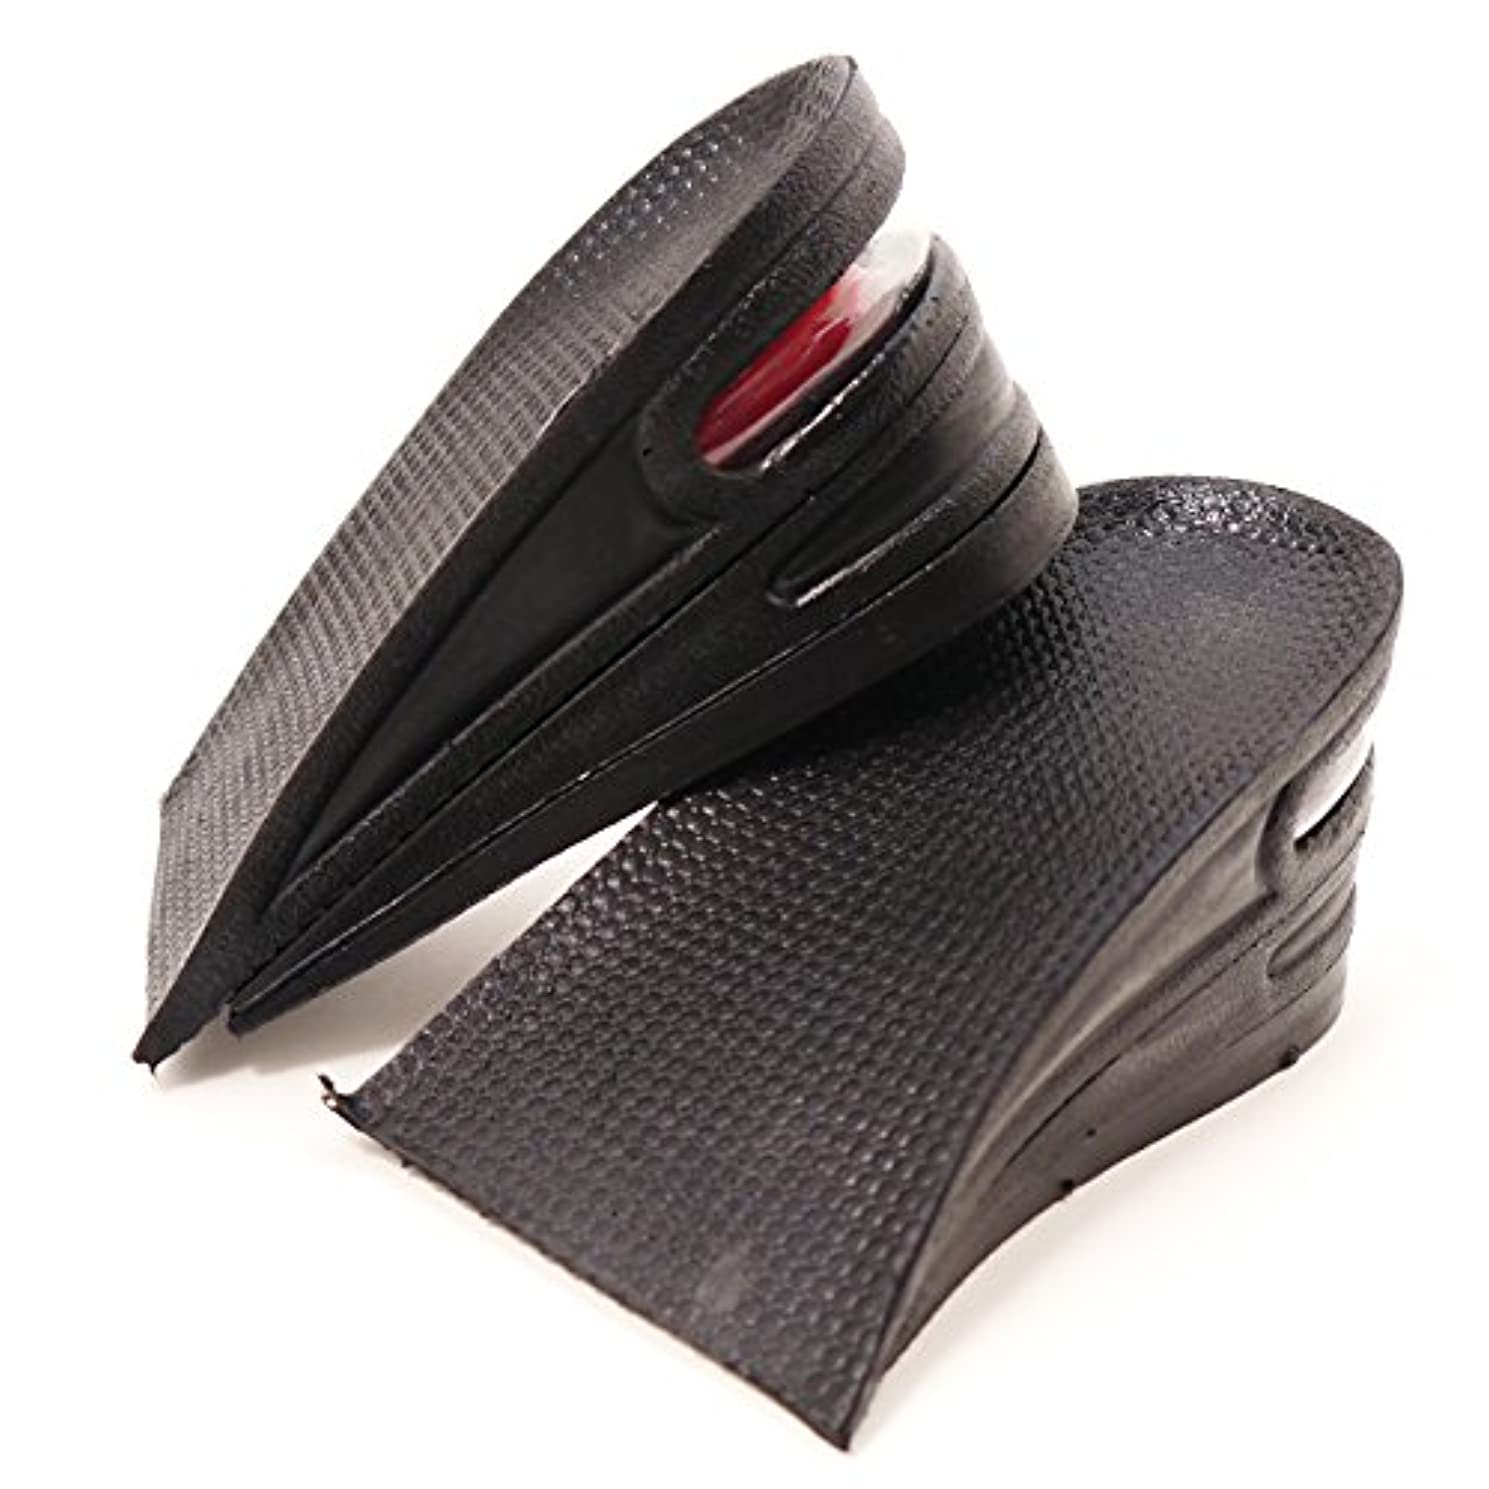 取る内部わがまま[カラダ快適研究所] シークレットシューズに 6cm背が高くなるインソール シークレットブーツ シークレットスニーカー インヒールスニーカーに大変身 シークインソール 6cmアップ